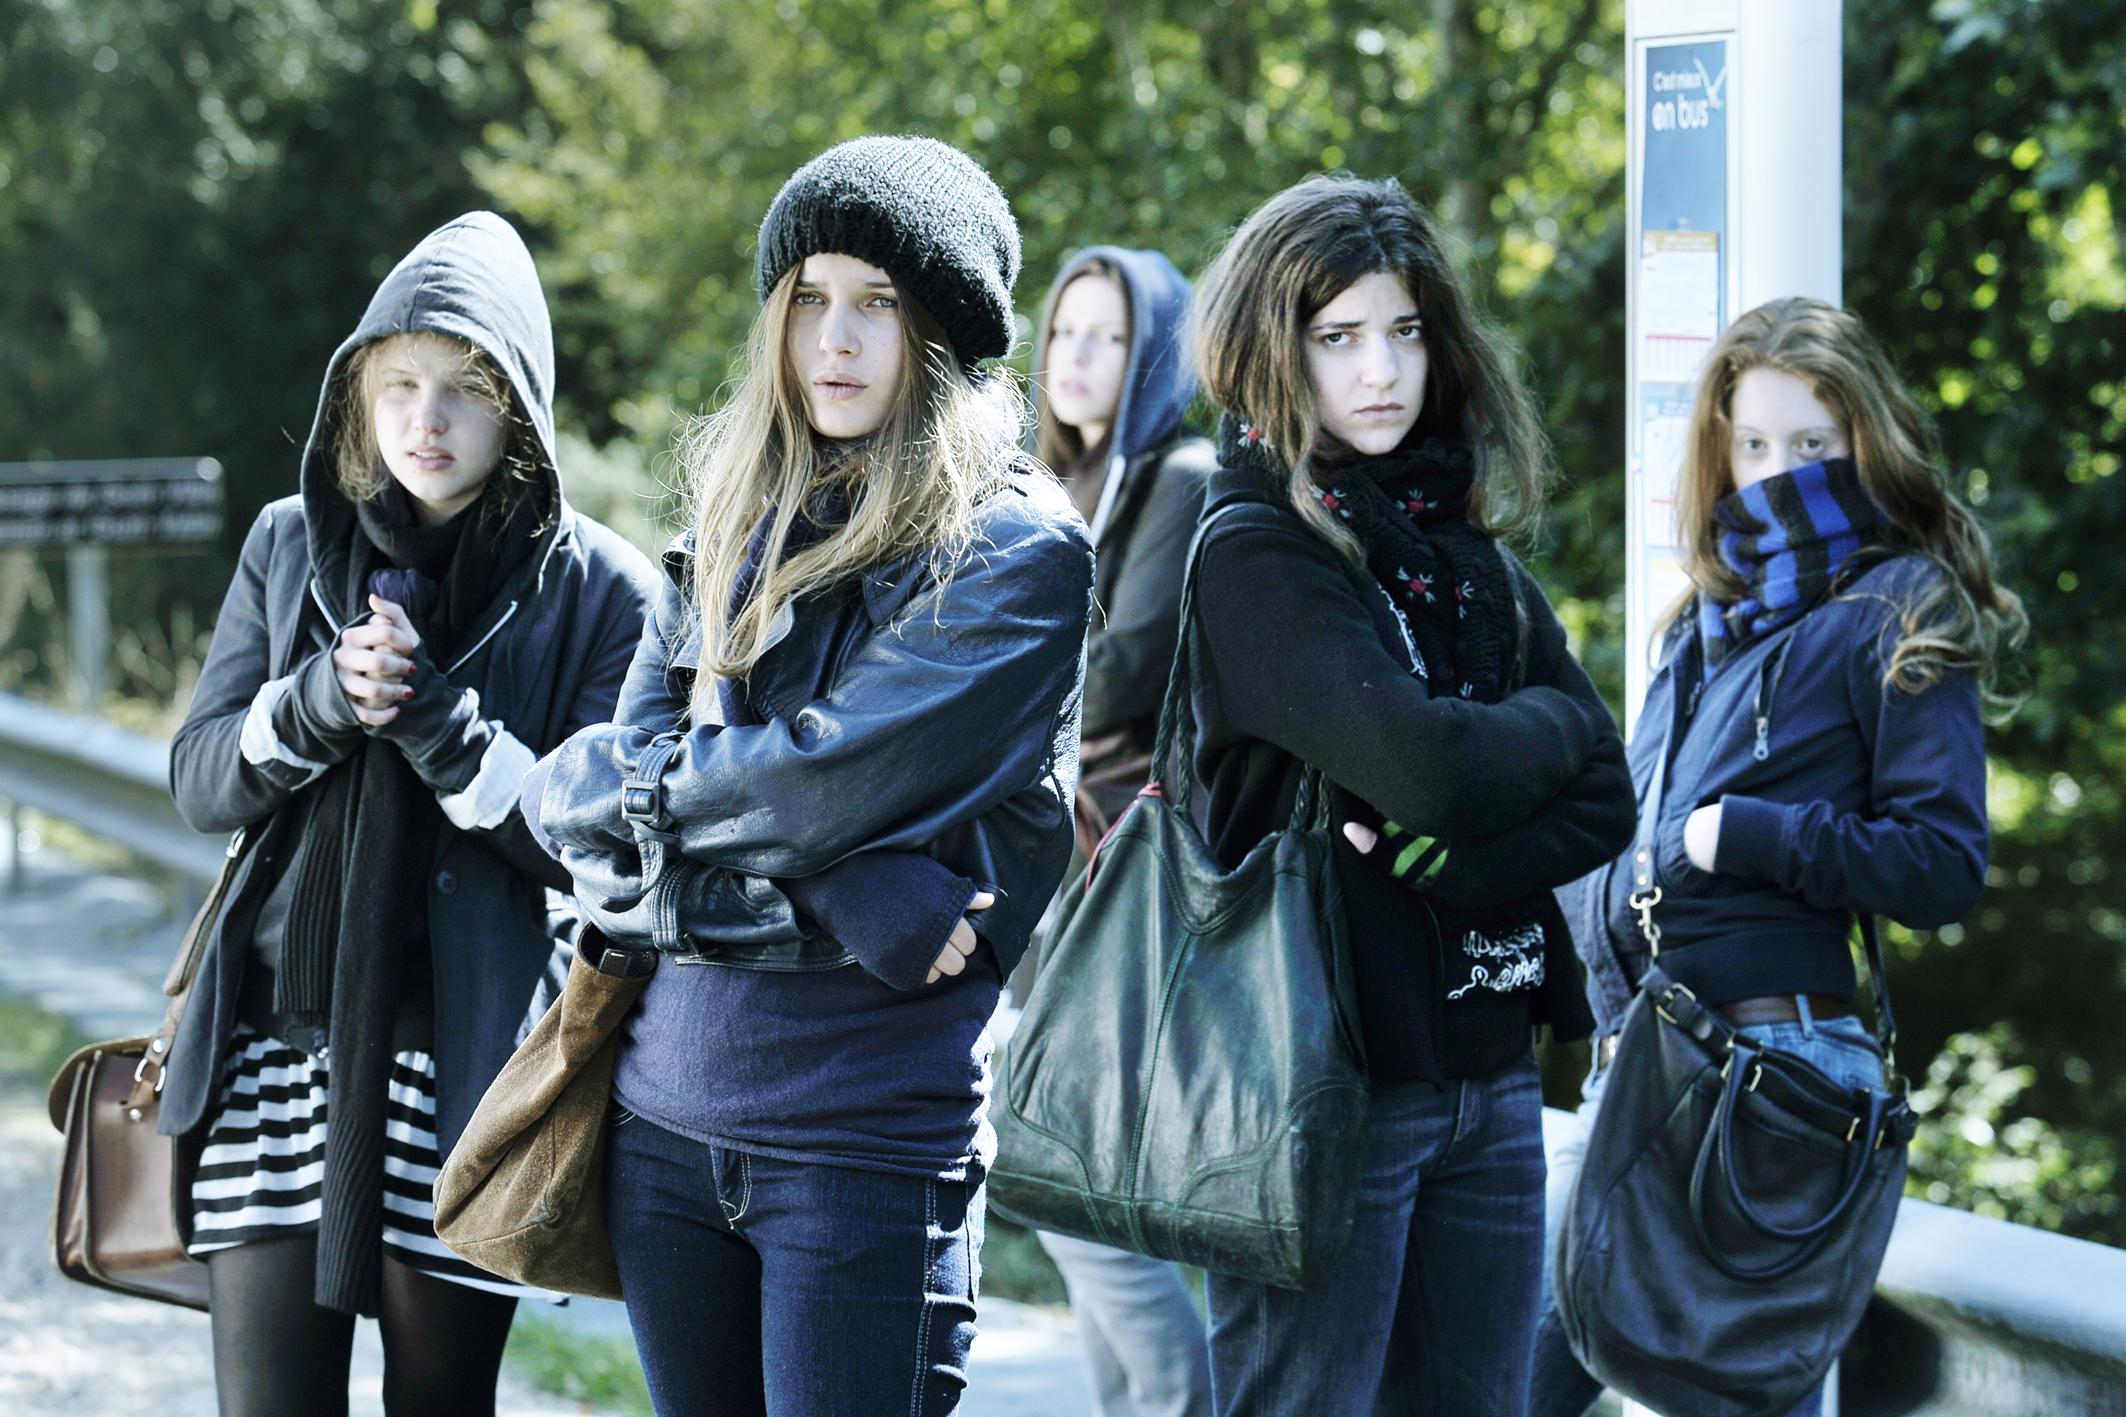 Смотреть бесплатно фото девочек подростков 19 фотография